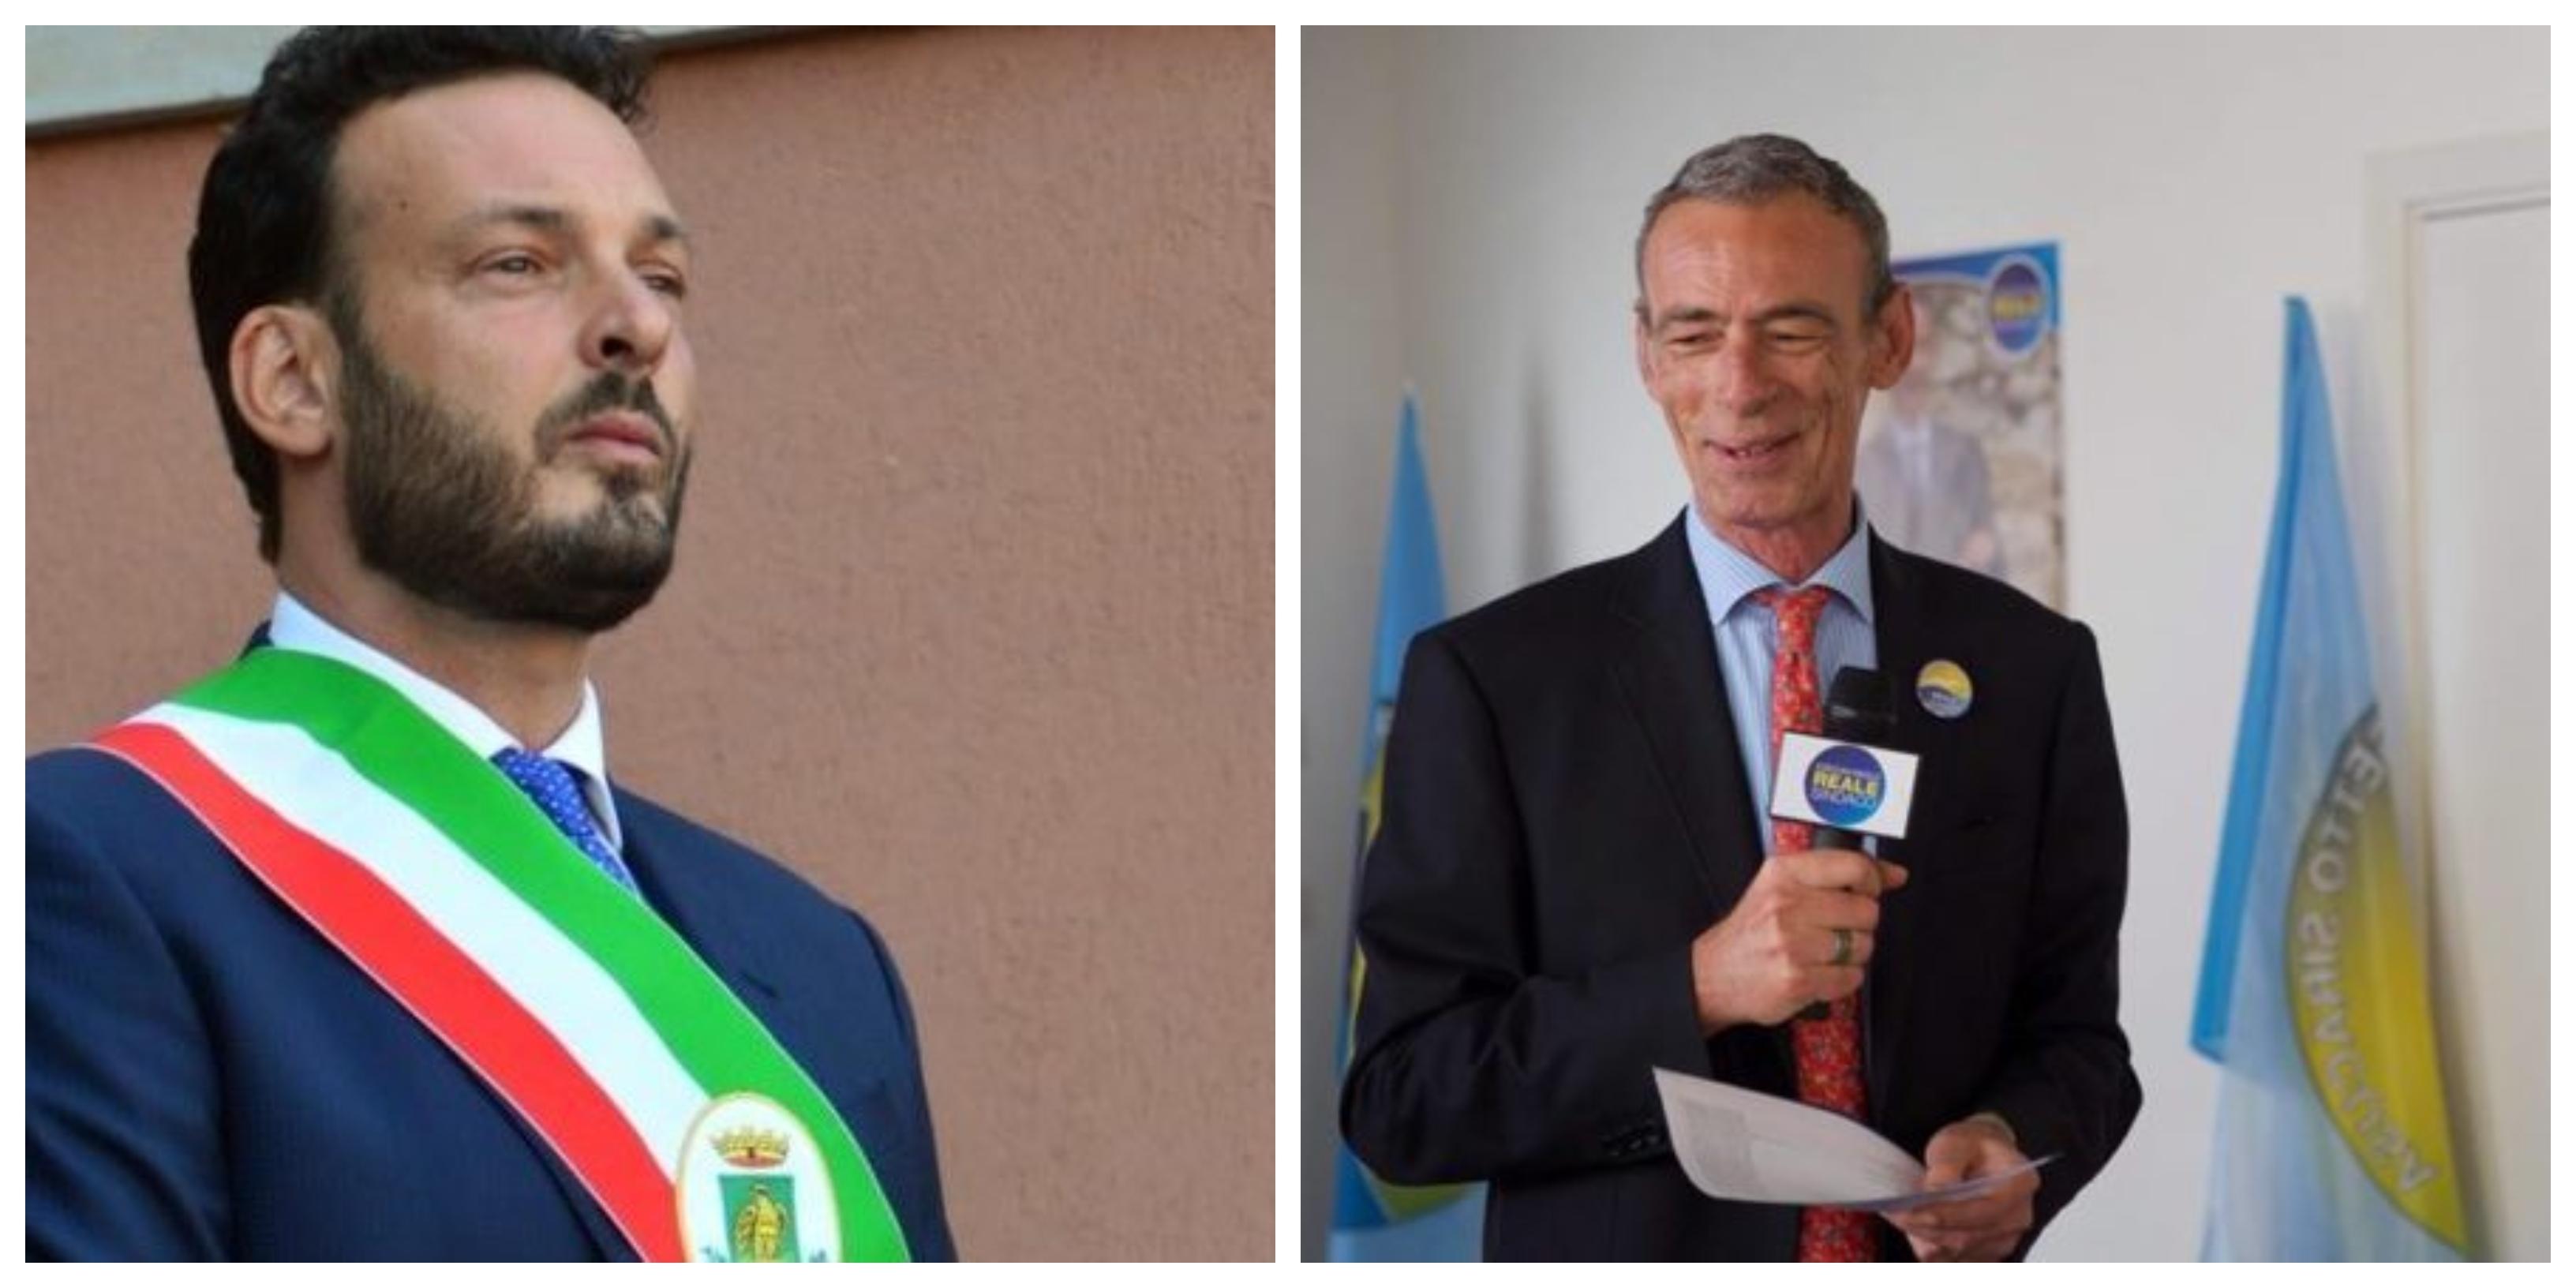 Siracusa. Italia resta sindaco: il Cga ribalta la sentenza del Tar e respinge l'appello di Reale